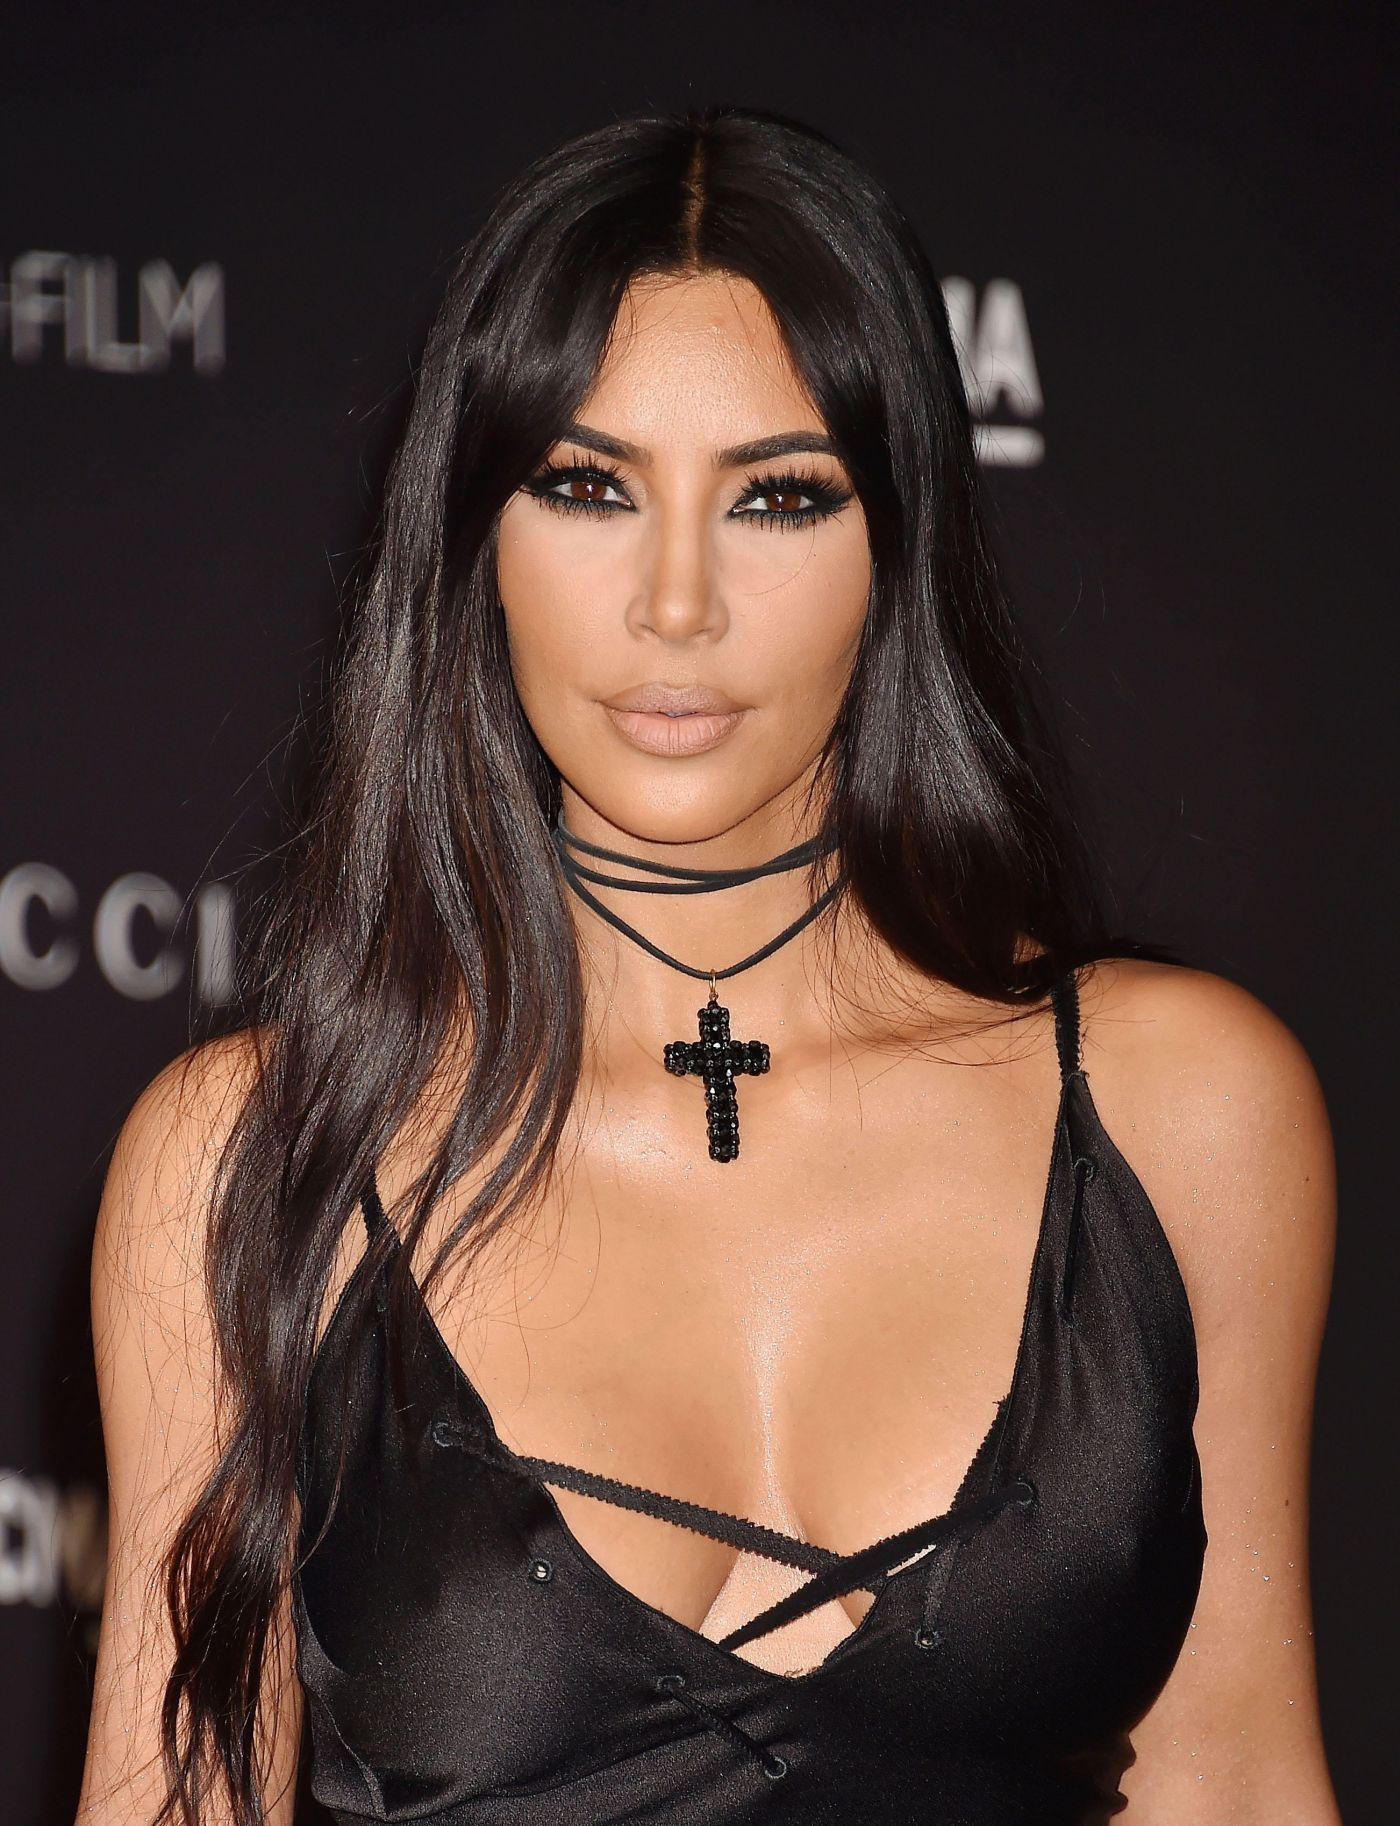 Dermatologul lui Kim Kardashian a dezvăluit o cauză surprinzătoare a apariției cearcănelor